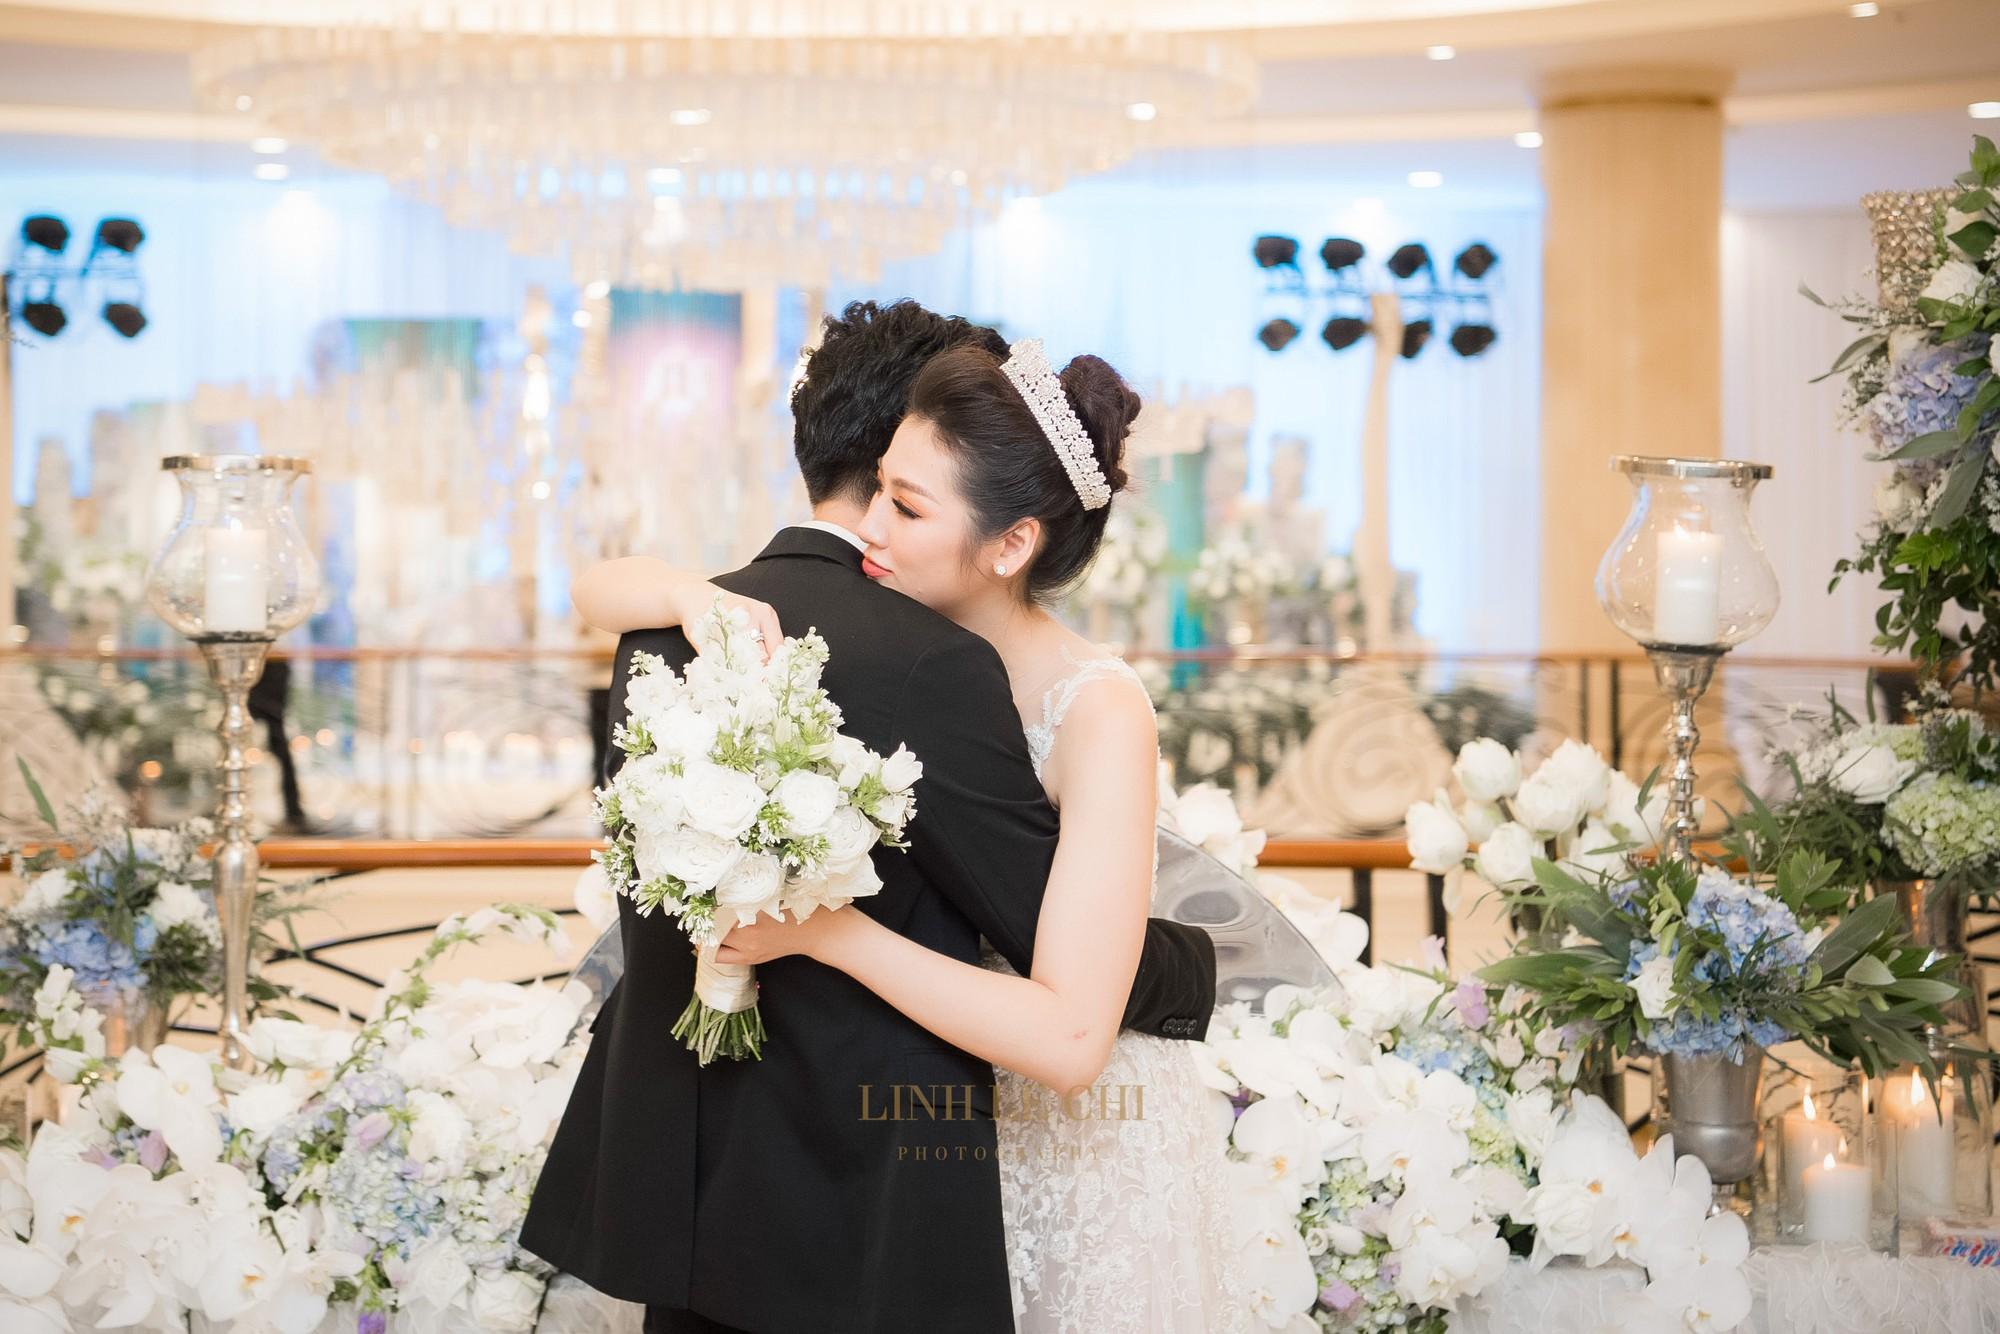 Ảnh đẹp: Á hậu Tú Anh nũng nịu ôm chặt ông xã trong tiệc cưới sang trọng ở Hà Nội - Ảnh 15.